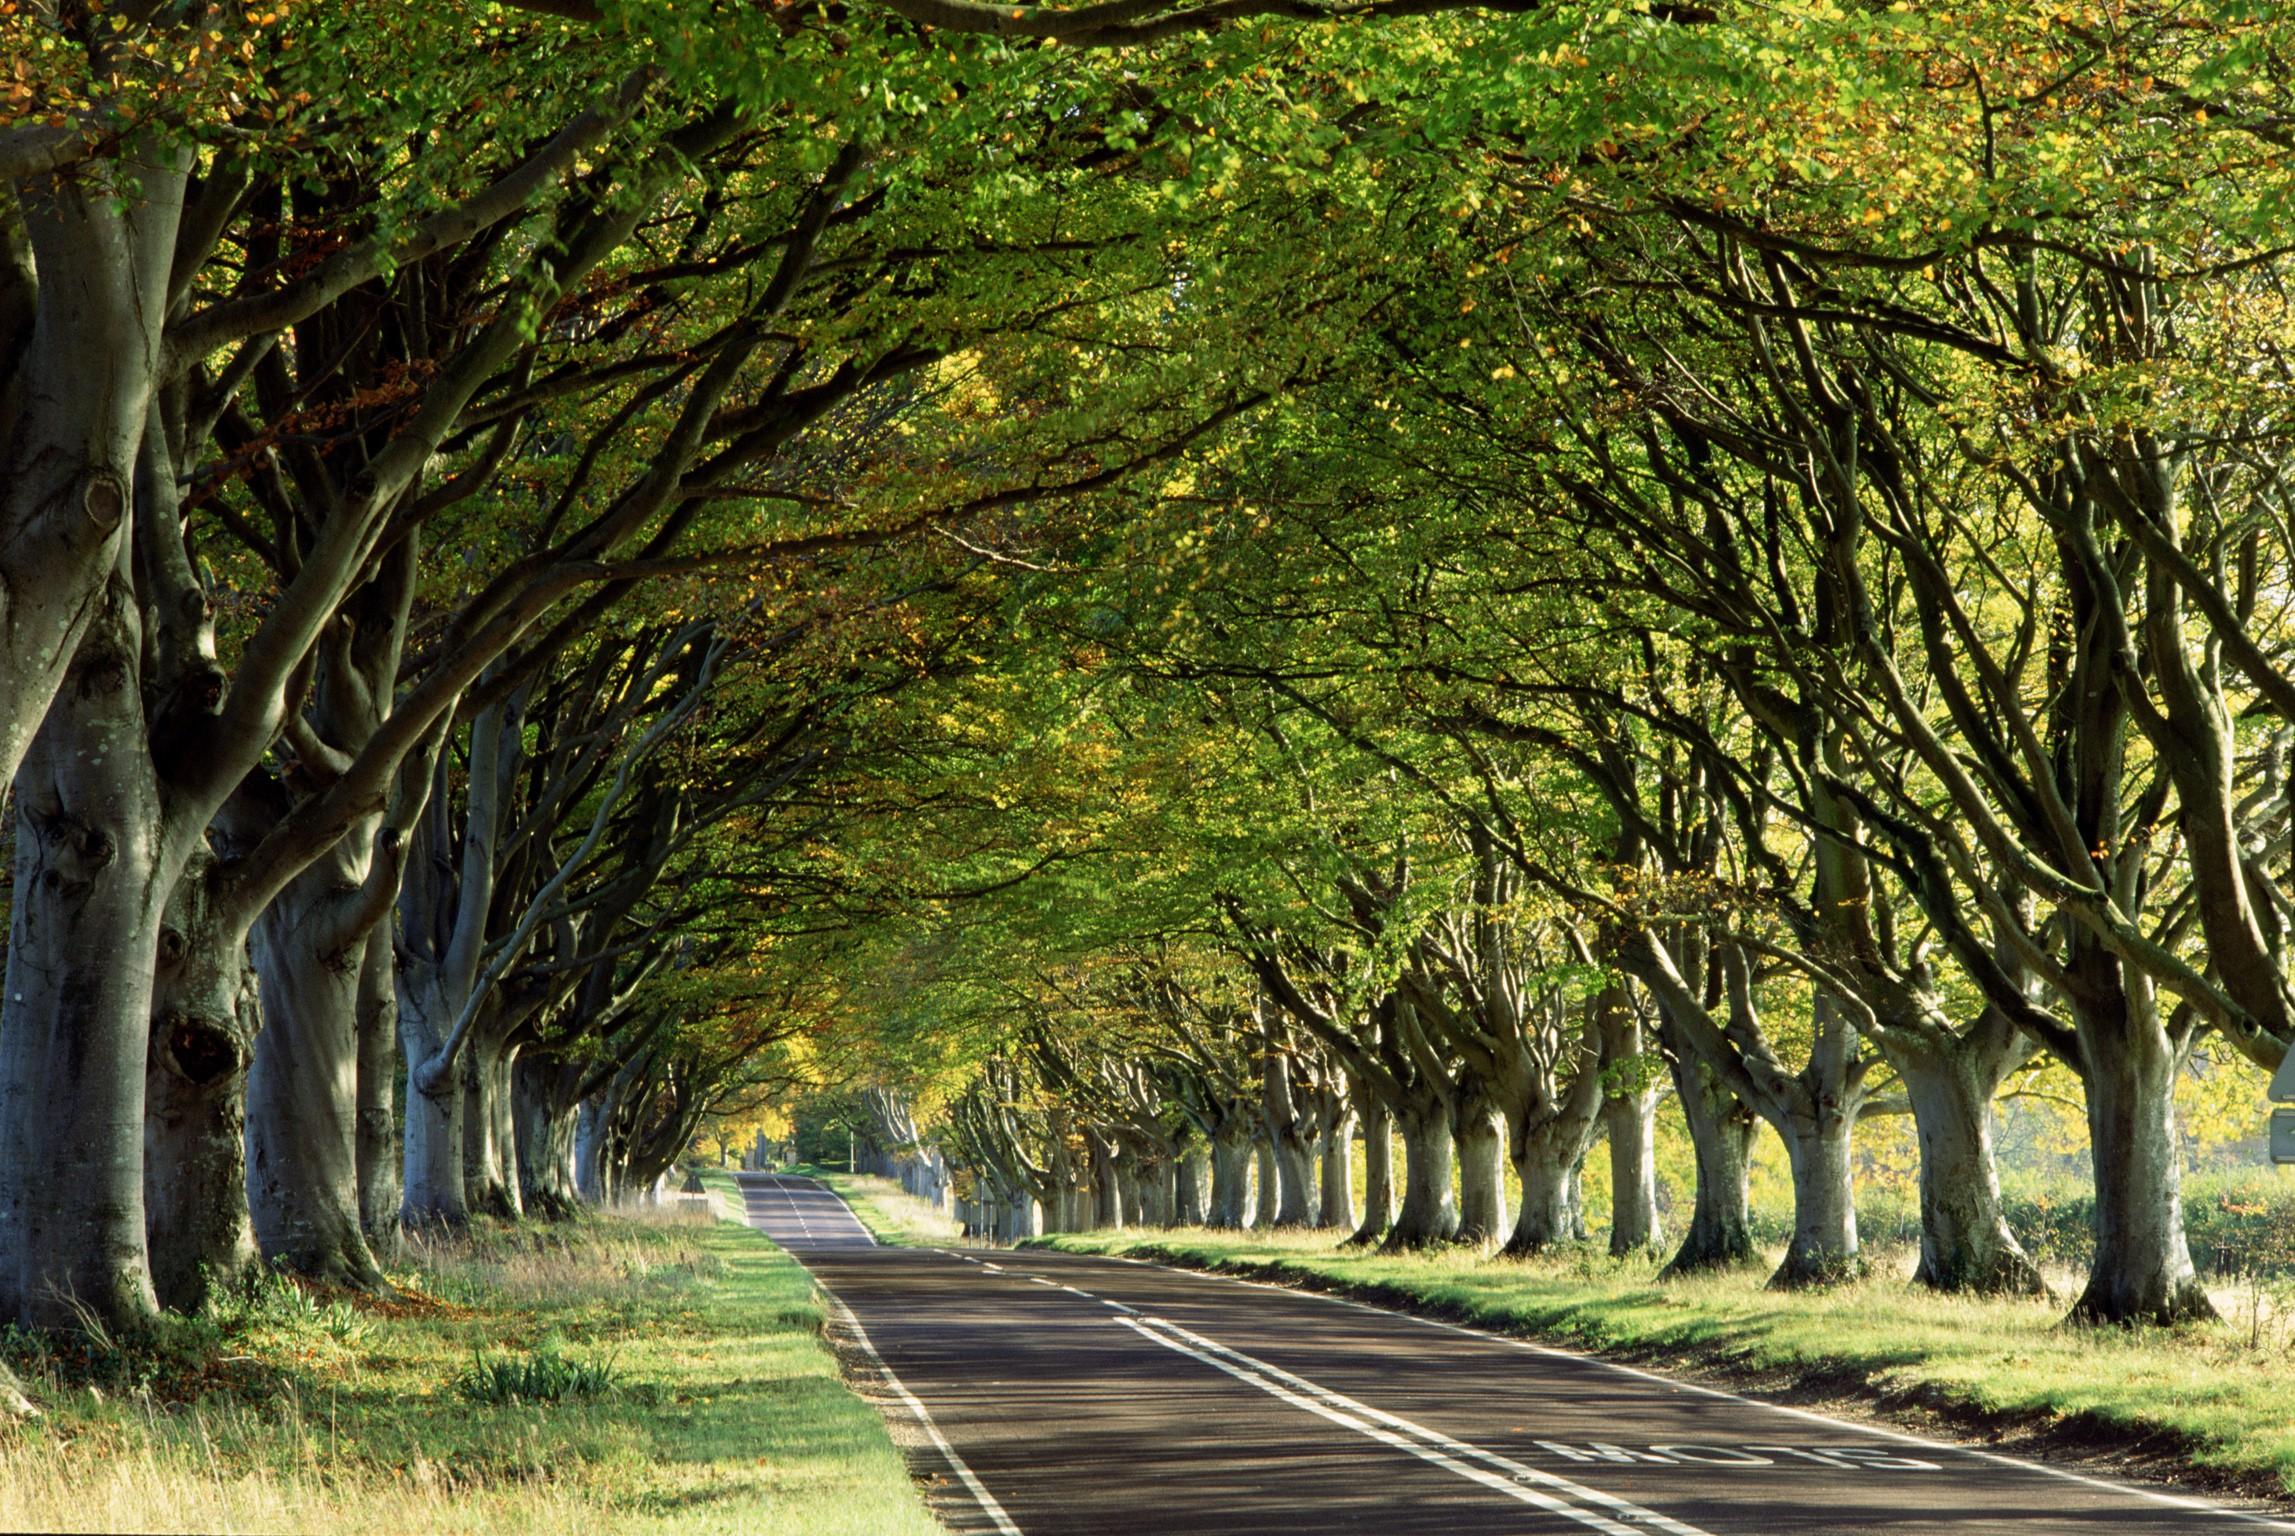 林荫大道摄影图 树木树叶 公路图片高清图片